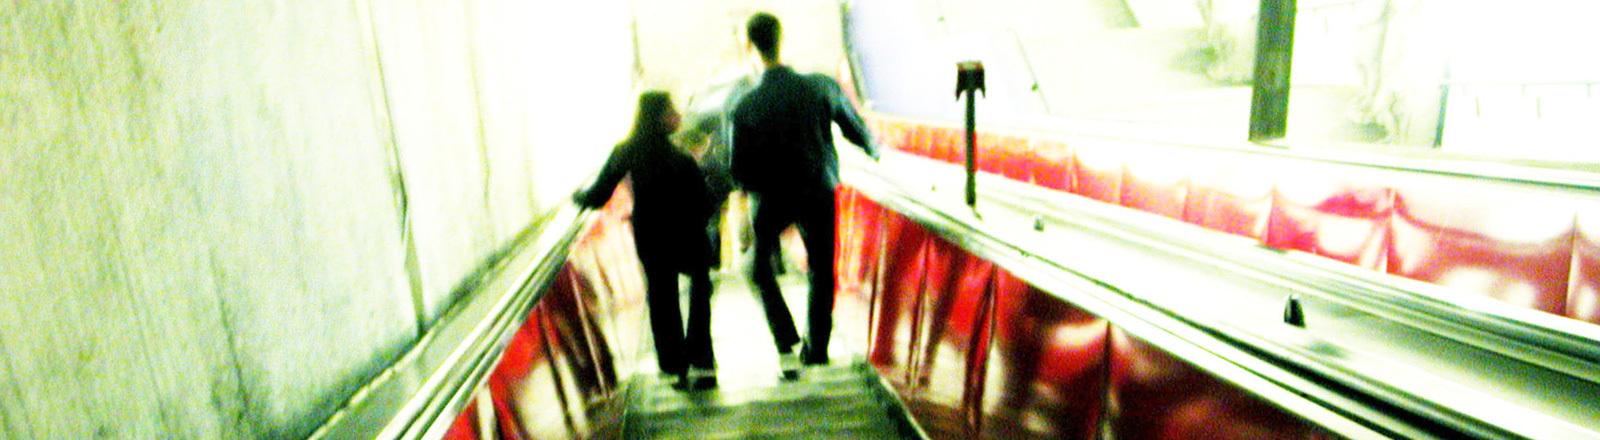 Eine Frau und ein Mann fahren eine Rolltreppe nach unten. Das Bild ist unscharf.